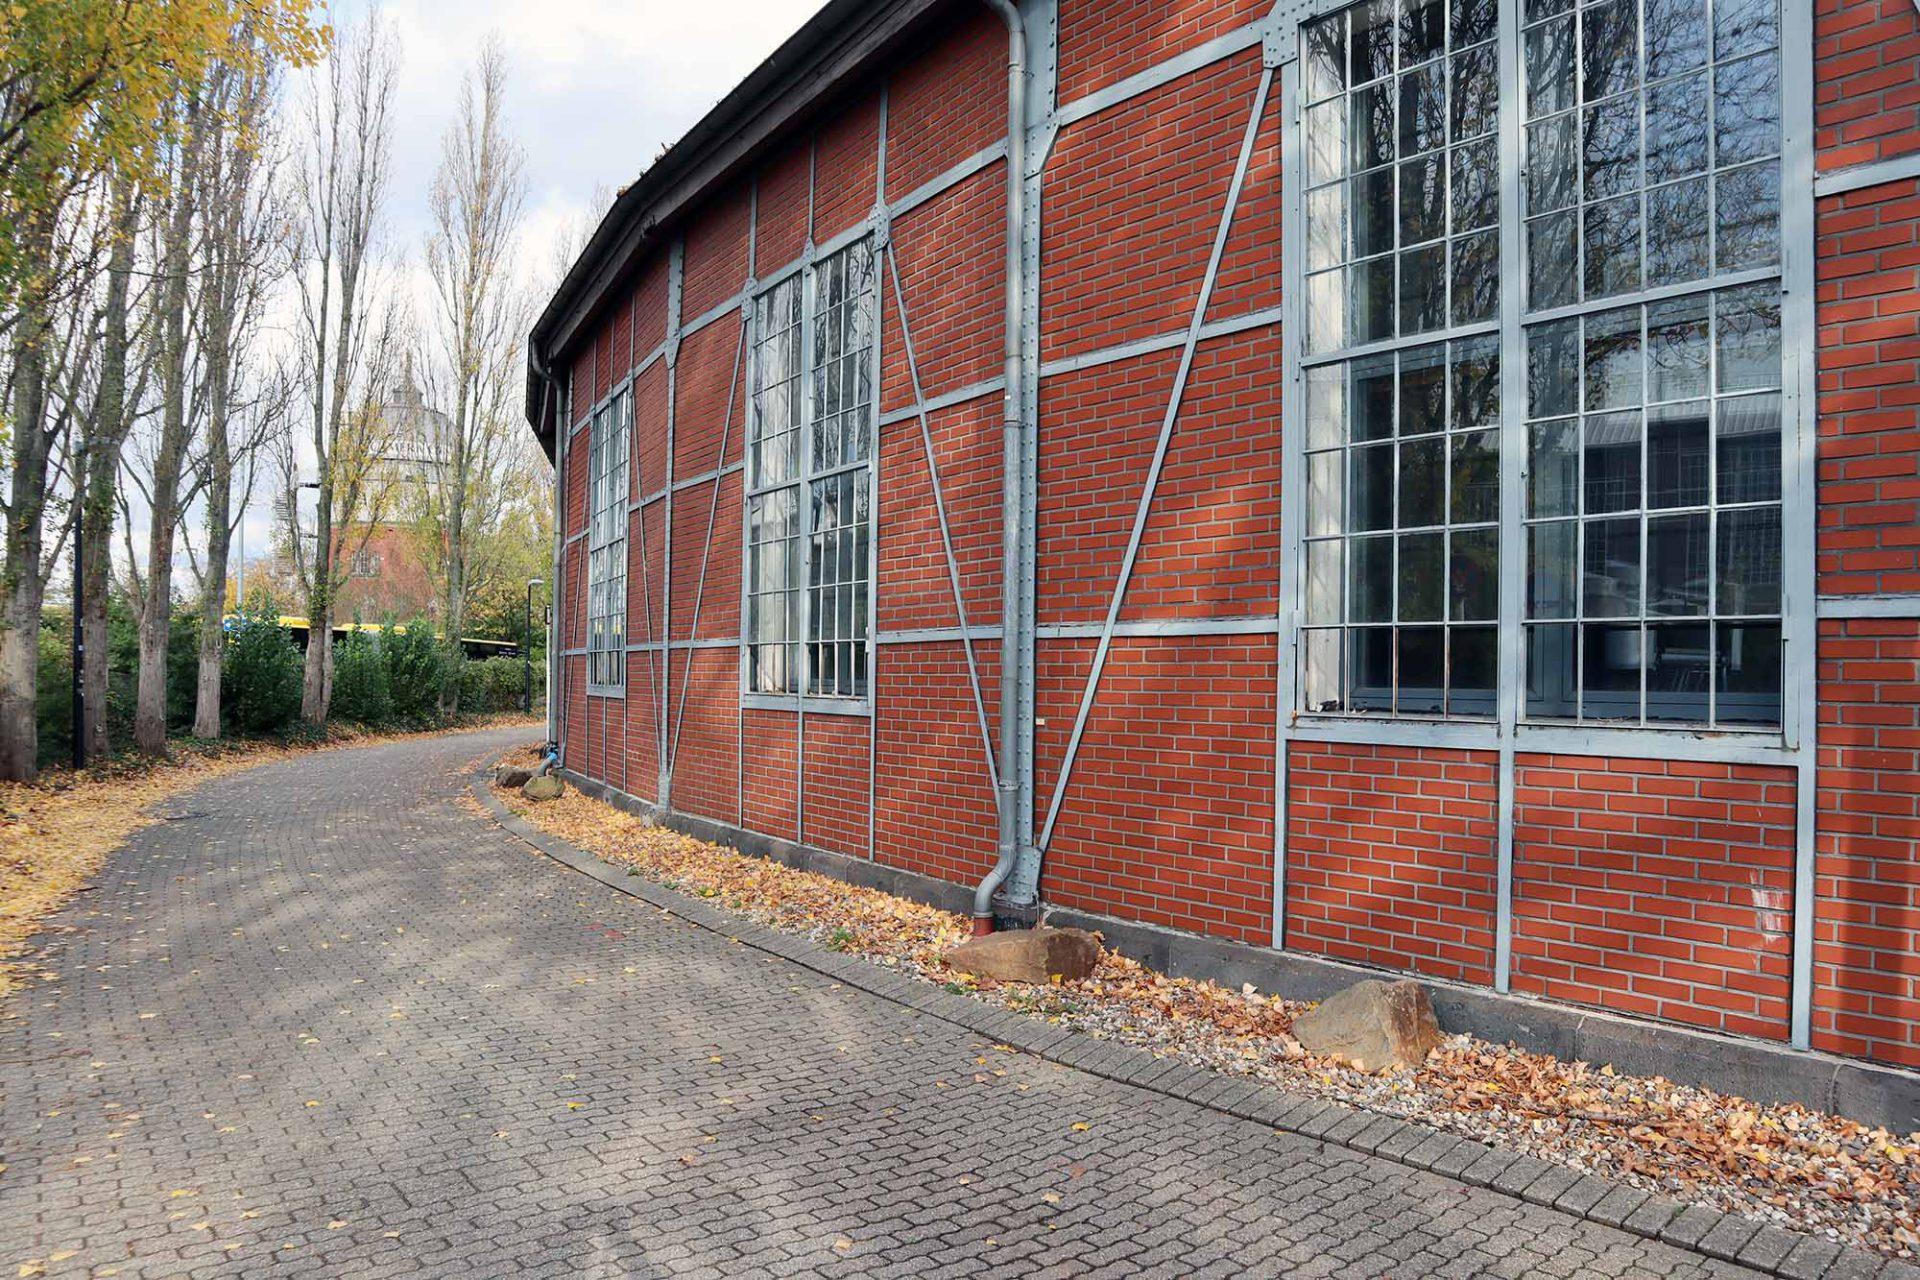 Ringlokschuppen Ruhr. Die Bahnbetriebsstelle Speldorf bestand aus etwa fünf Gebäuden. Die Drehscheibe wurde bereits 1943 zerstört und war seitdem nicht mehr als solche in Betrieb.